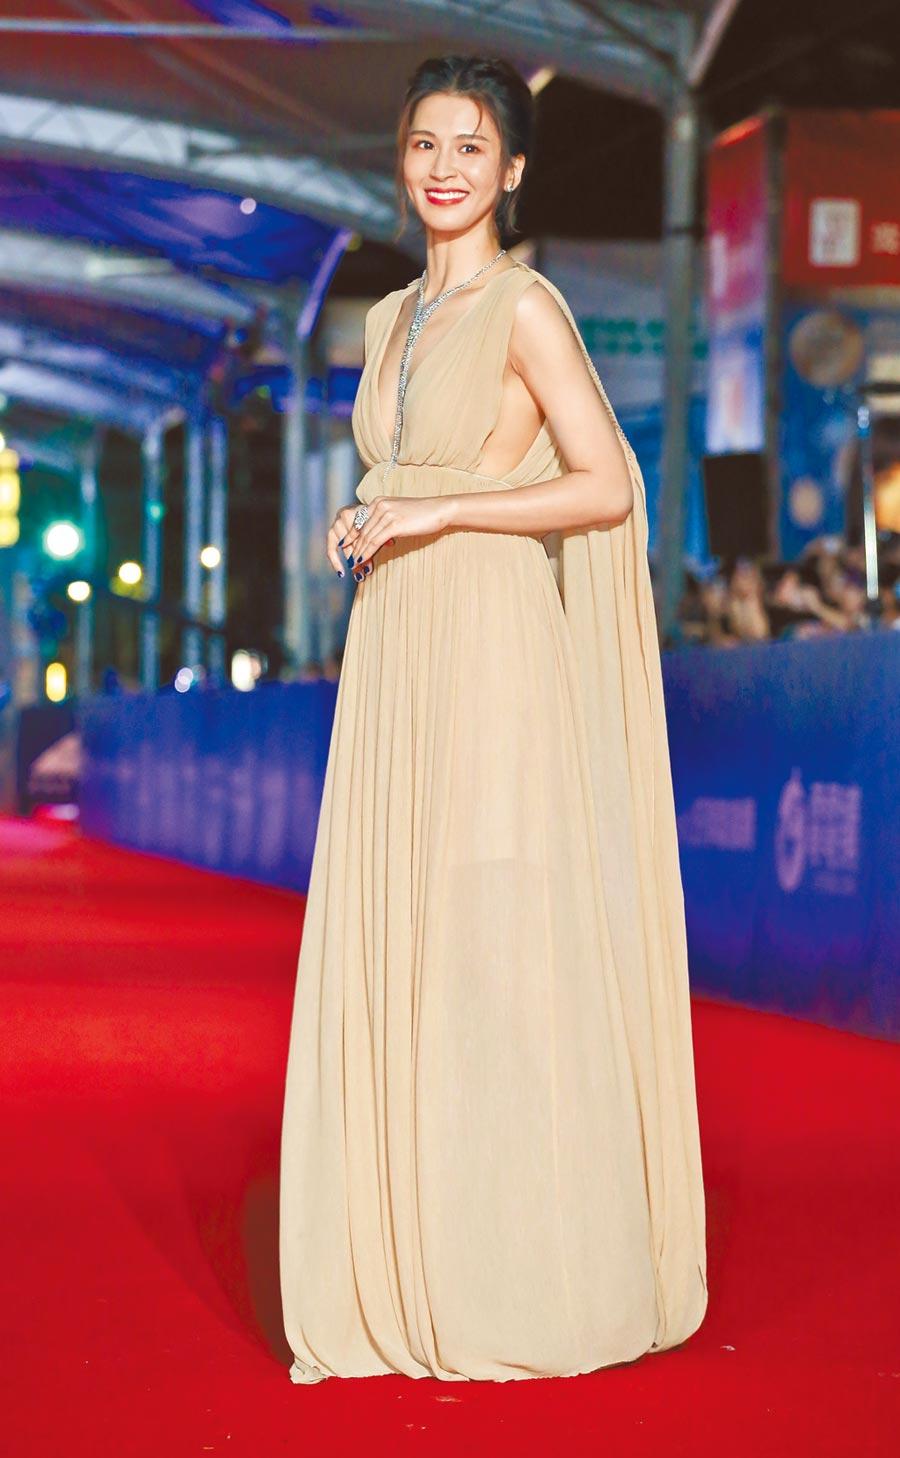 曾沛慈穿Chloe深V裸色絲紗禮服搭配寶詩龍(BOUCHERON)珠寶,表現不俗。